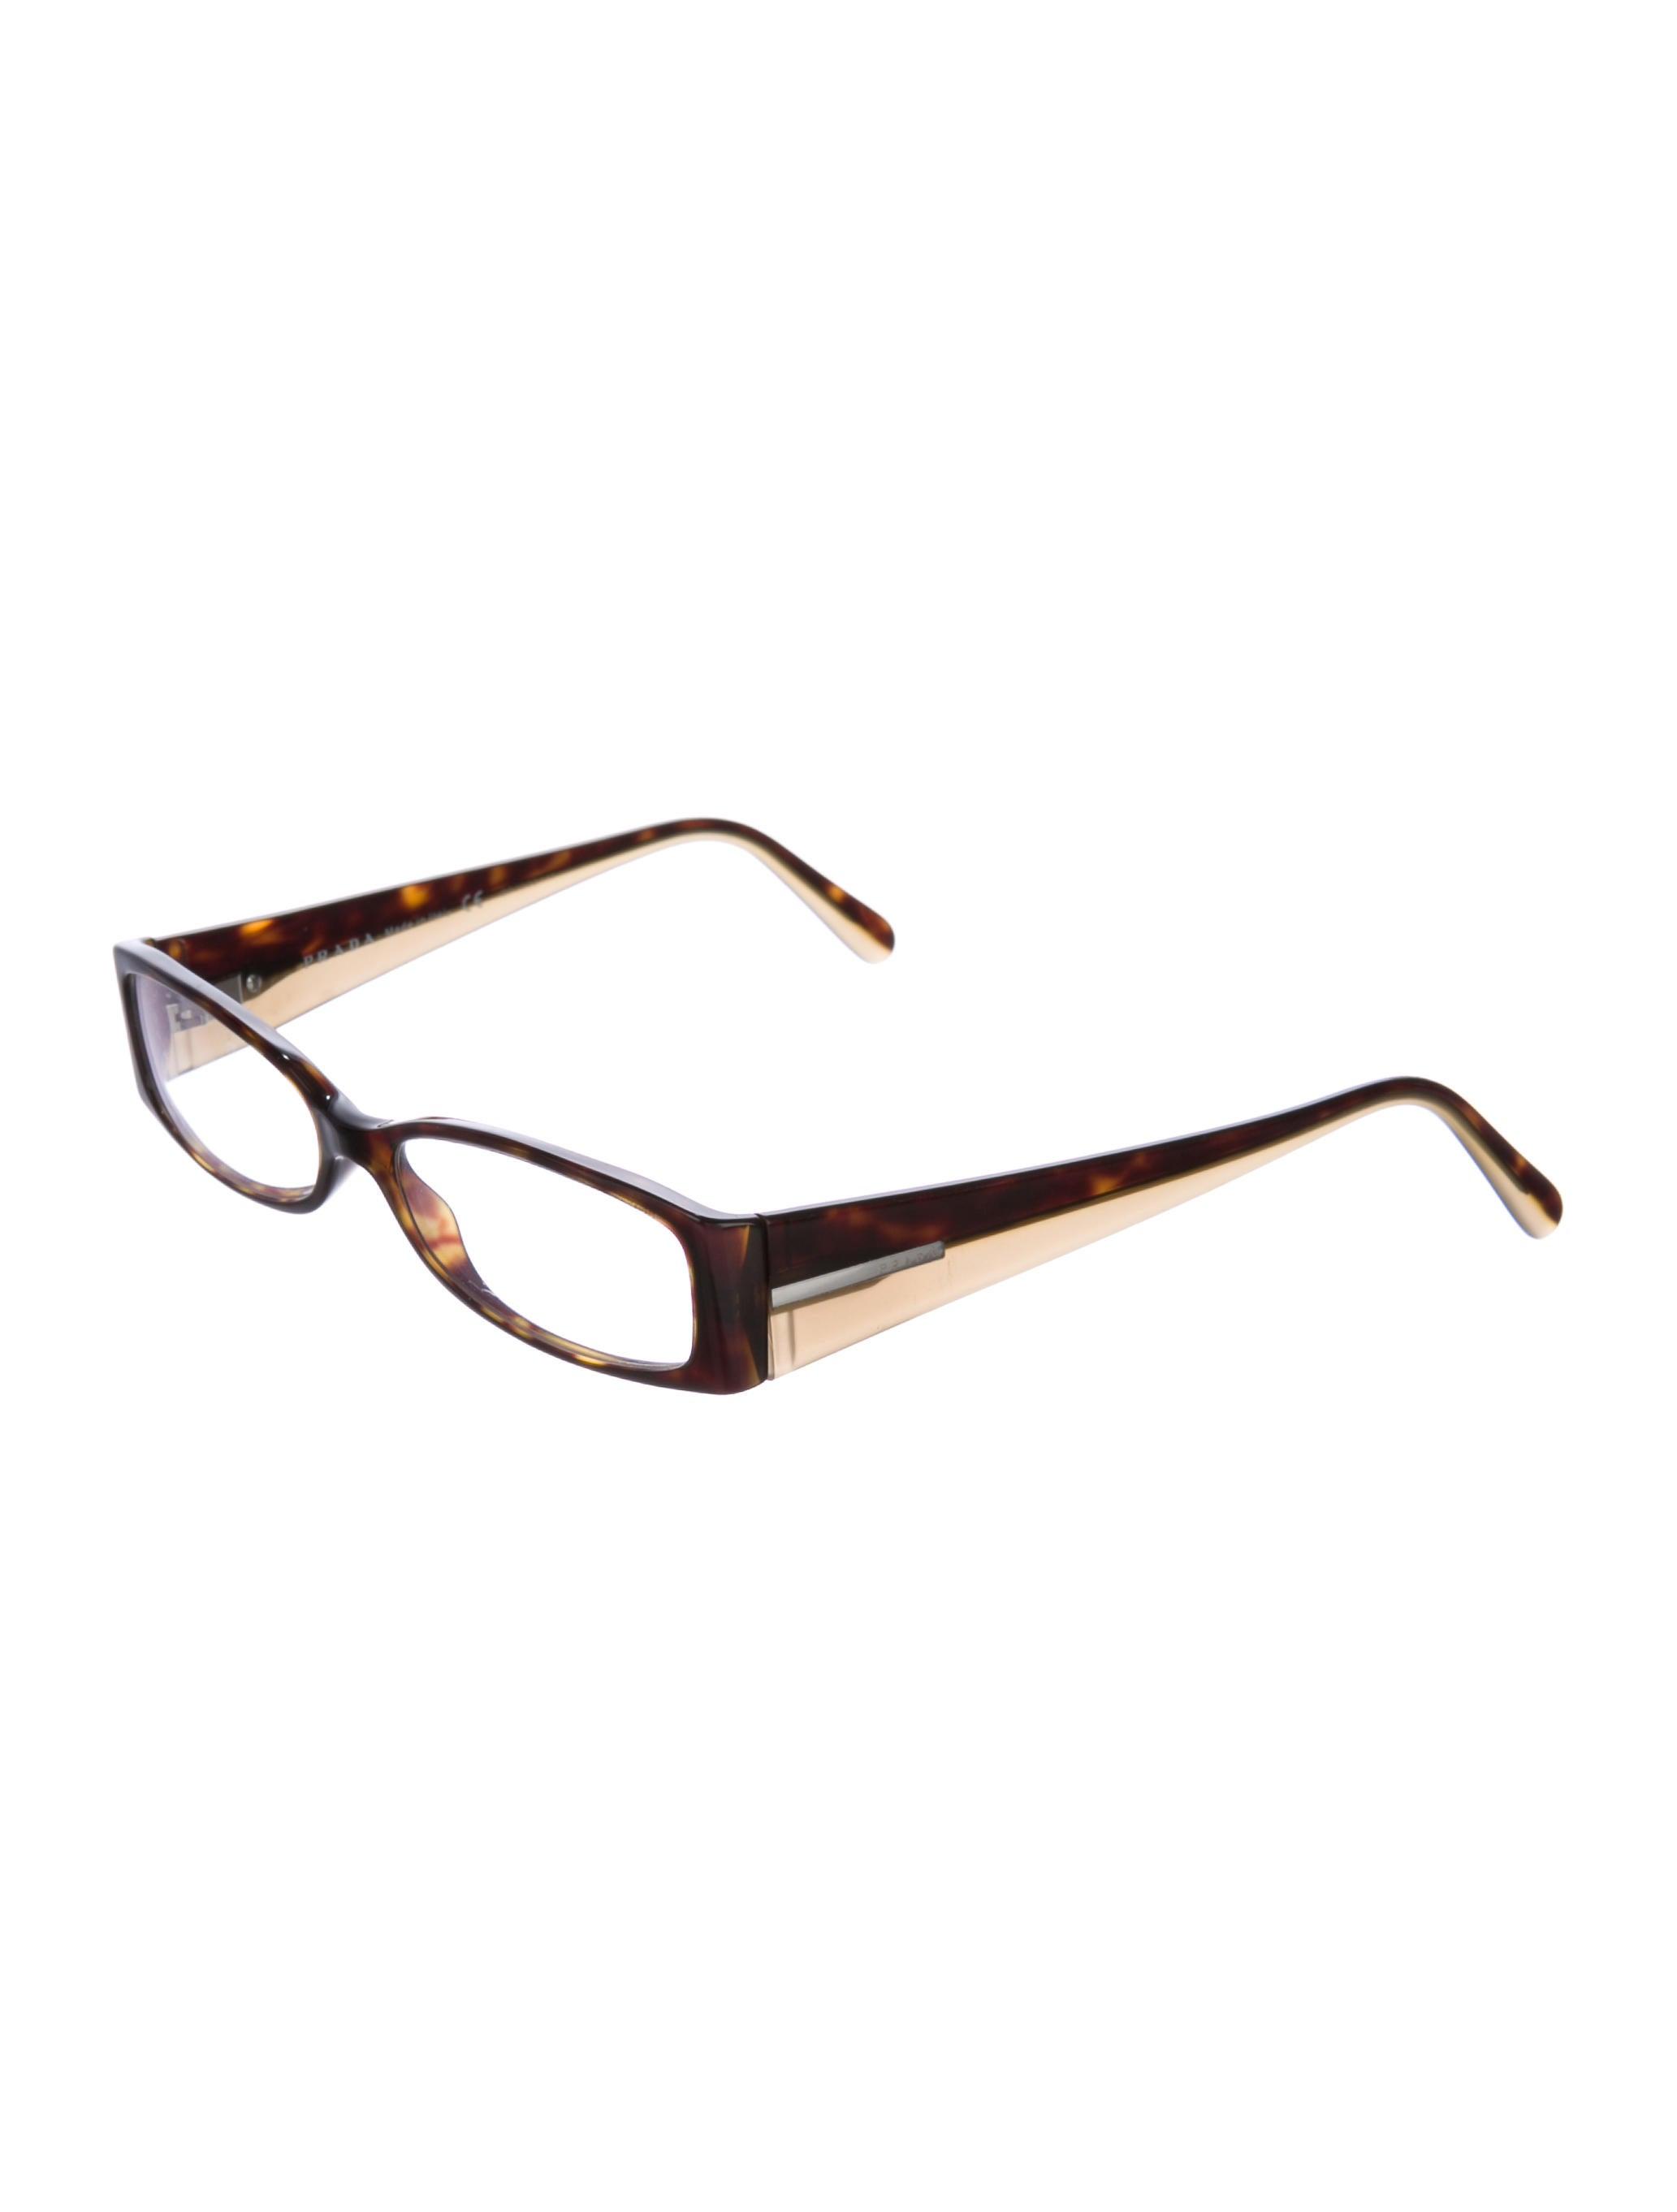 e56322f886f Prada Eyeglasses Cases For Women